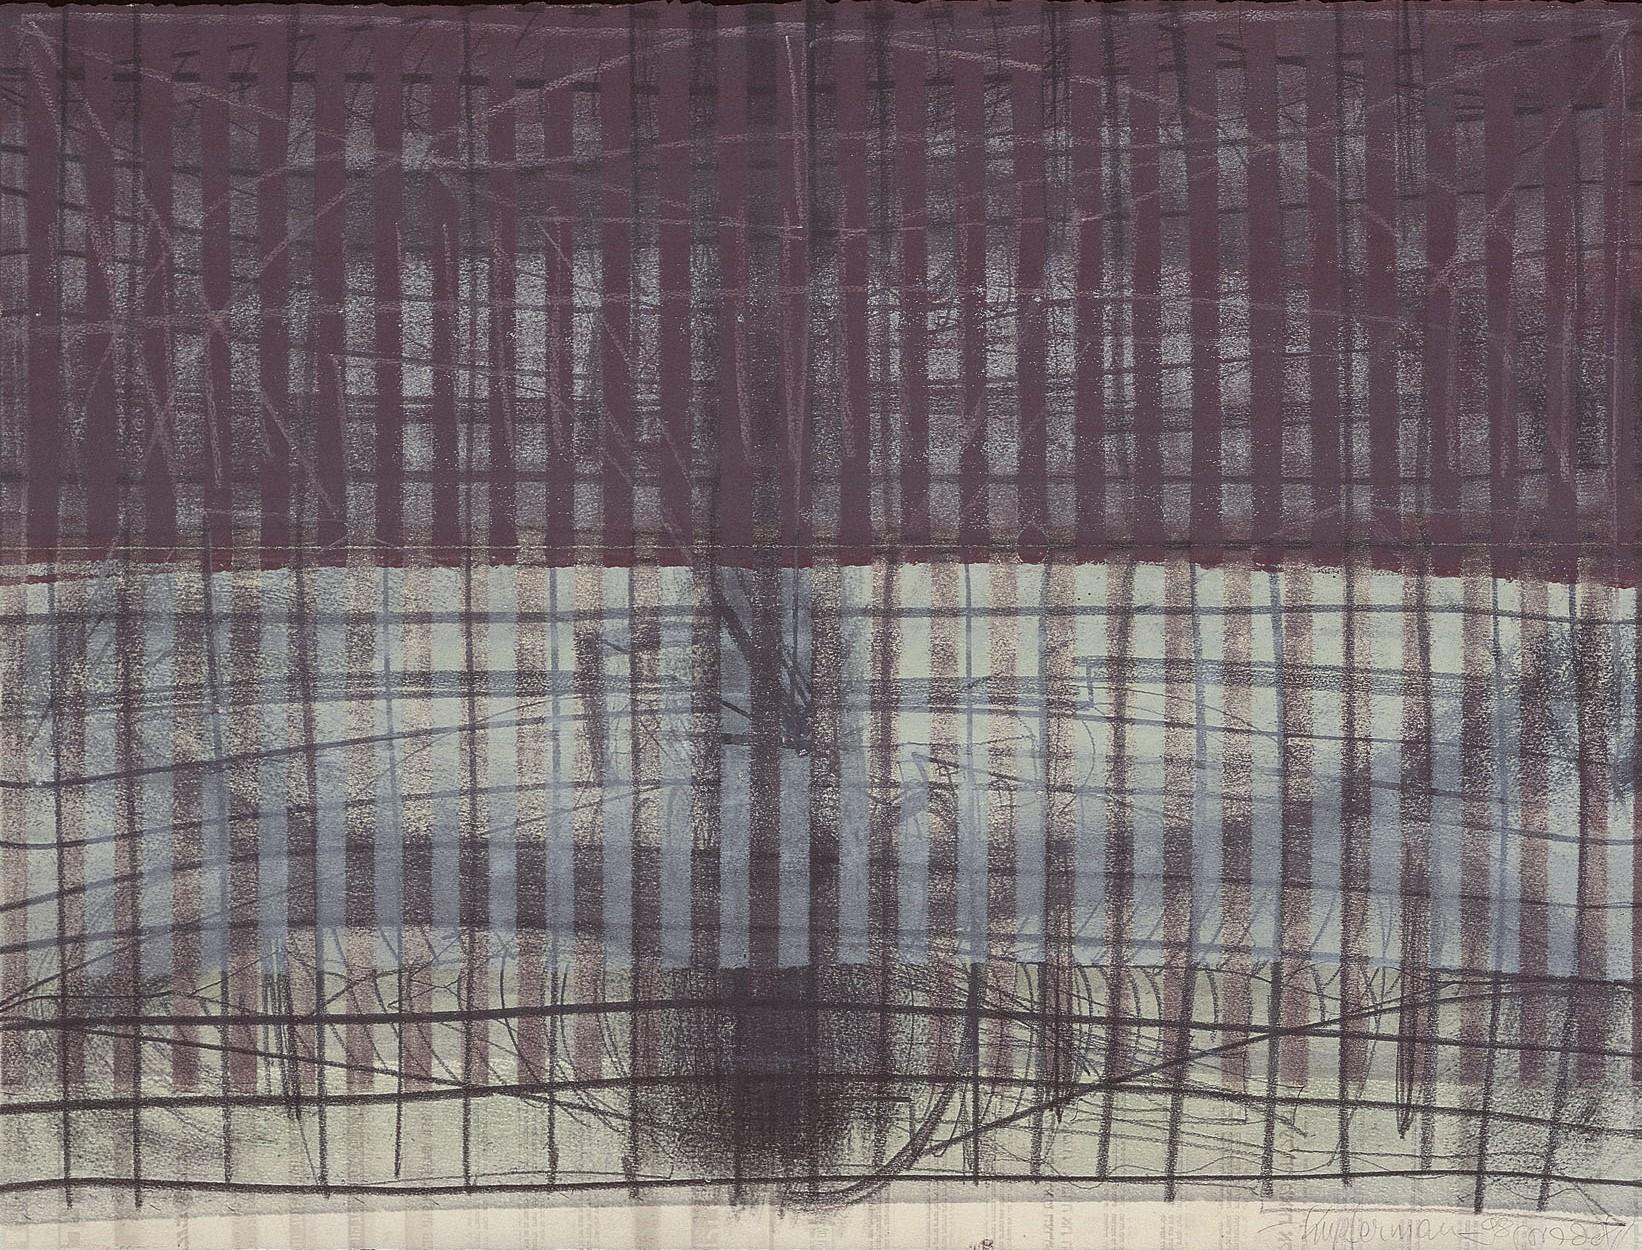 משה קופפרמן, עבודה על נייר, 1999